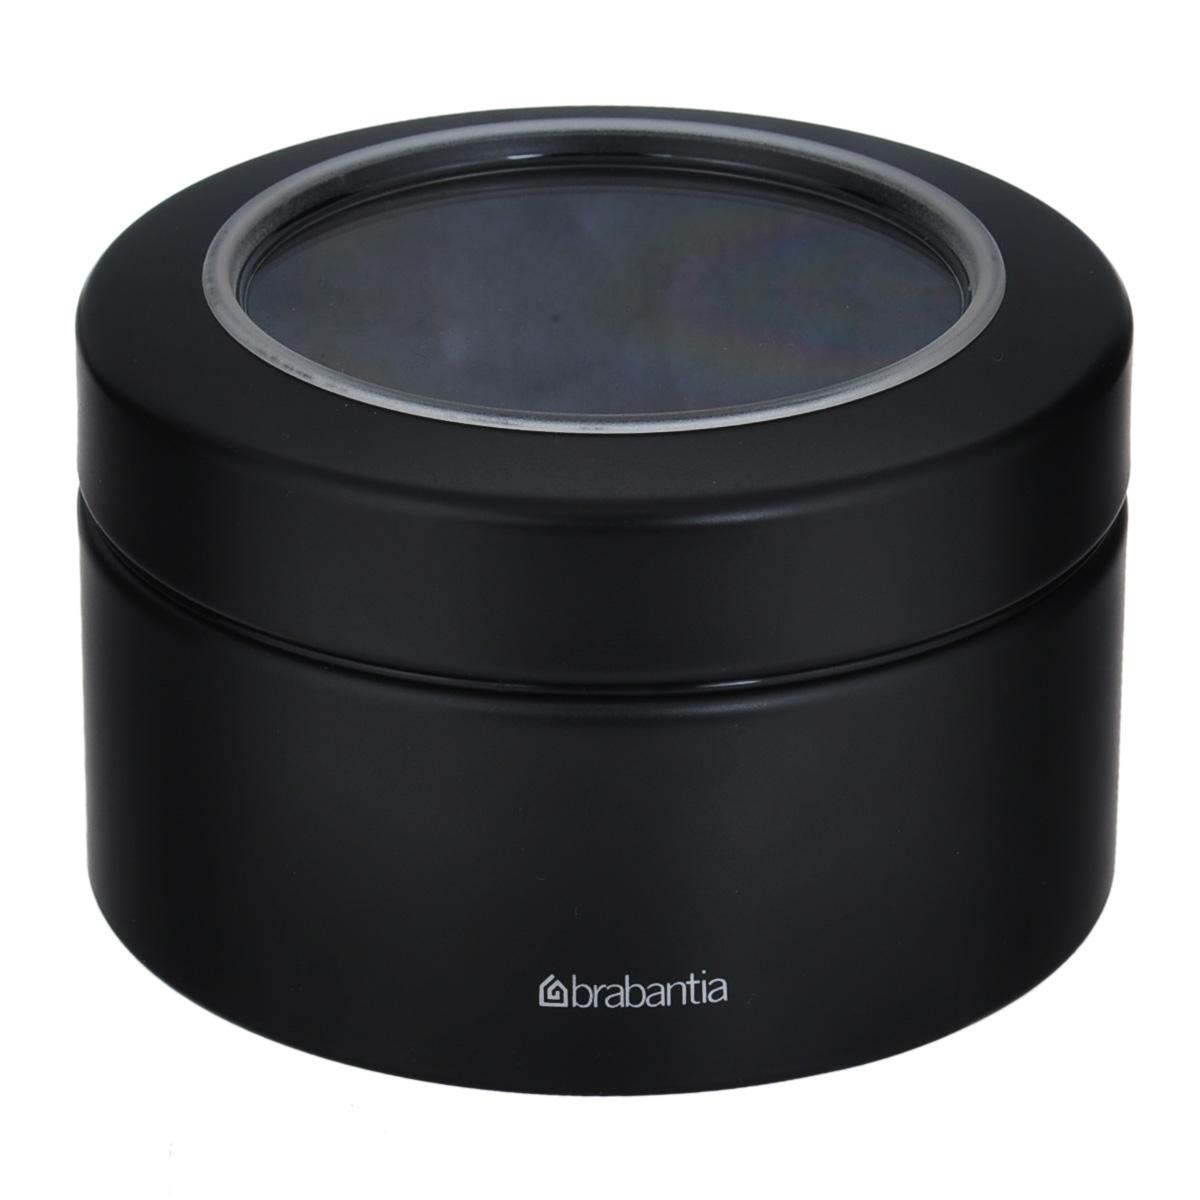 Контейнер Brabantia, цвет: черный, 500 мл477980 черныйКонтейнер Brabantia прекрасно подойдет для хранения сладостей. Он изготовлен из нержавеющей стали. Контейнер оснащен крышкой с прозрачной вставкой из стекла, благодаря которой вы можете видеть содержимое. Удобный и легкий контейнер позволит вам хранить всевозможные сладости, а благодаря современному дизайну он впишется в любой интерьер.